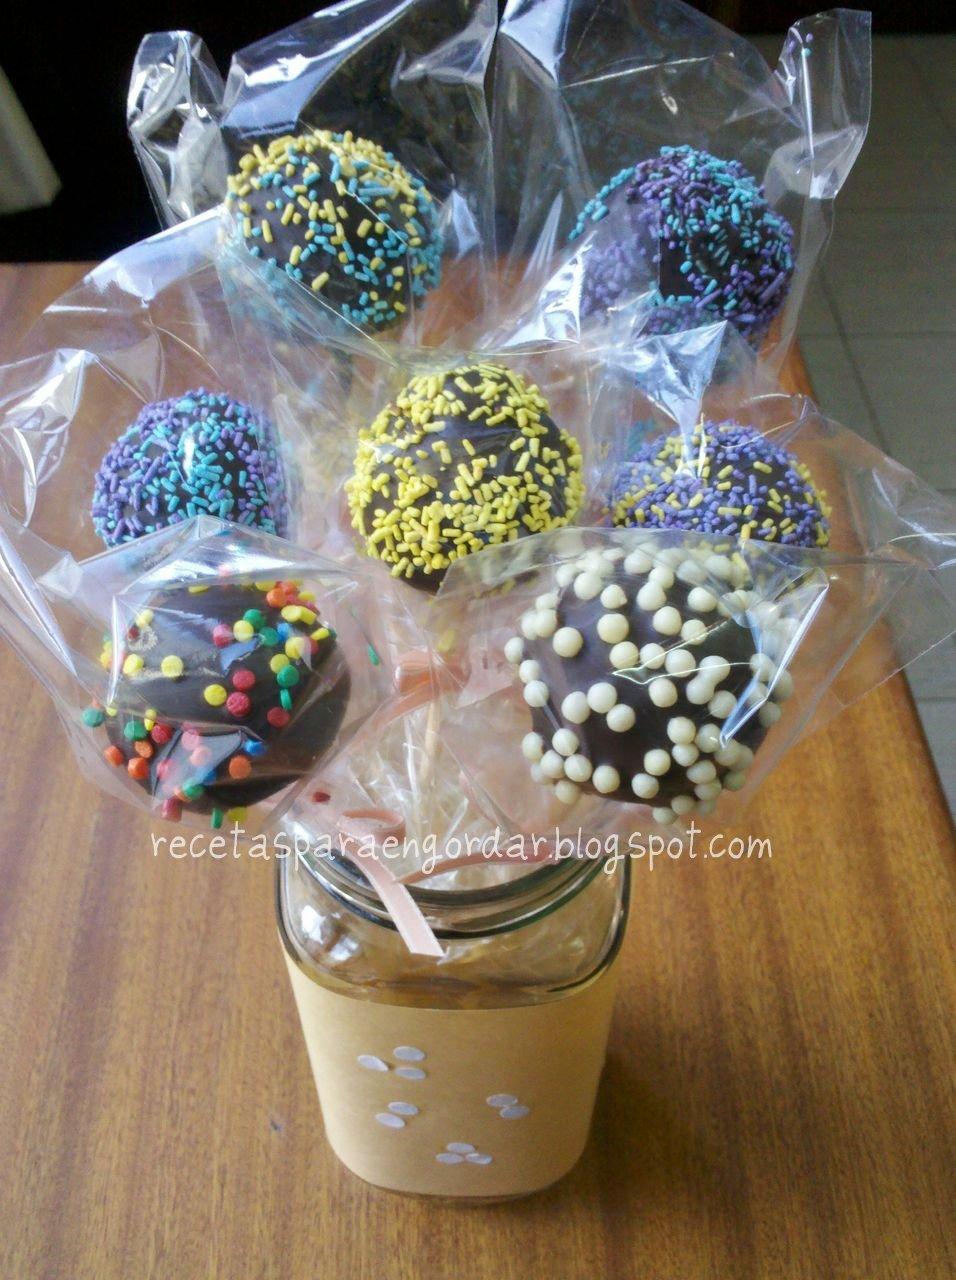 Recetas para engordar cake pops for Cobertura para cake pops